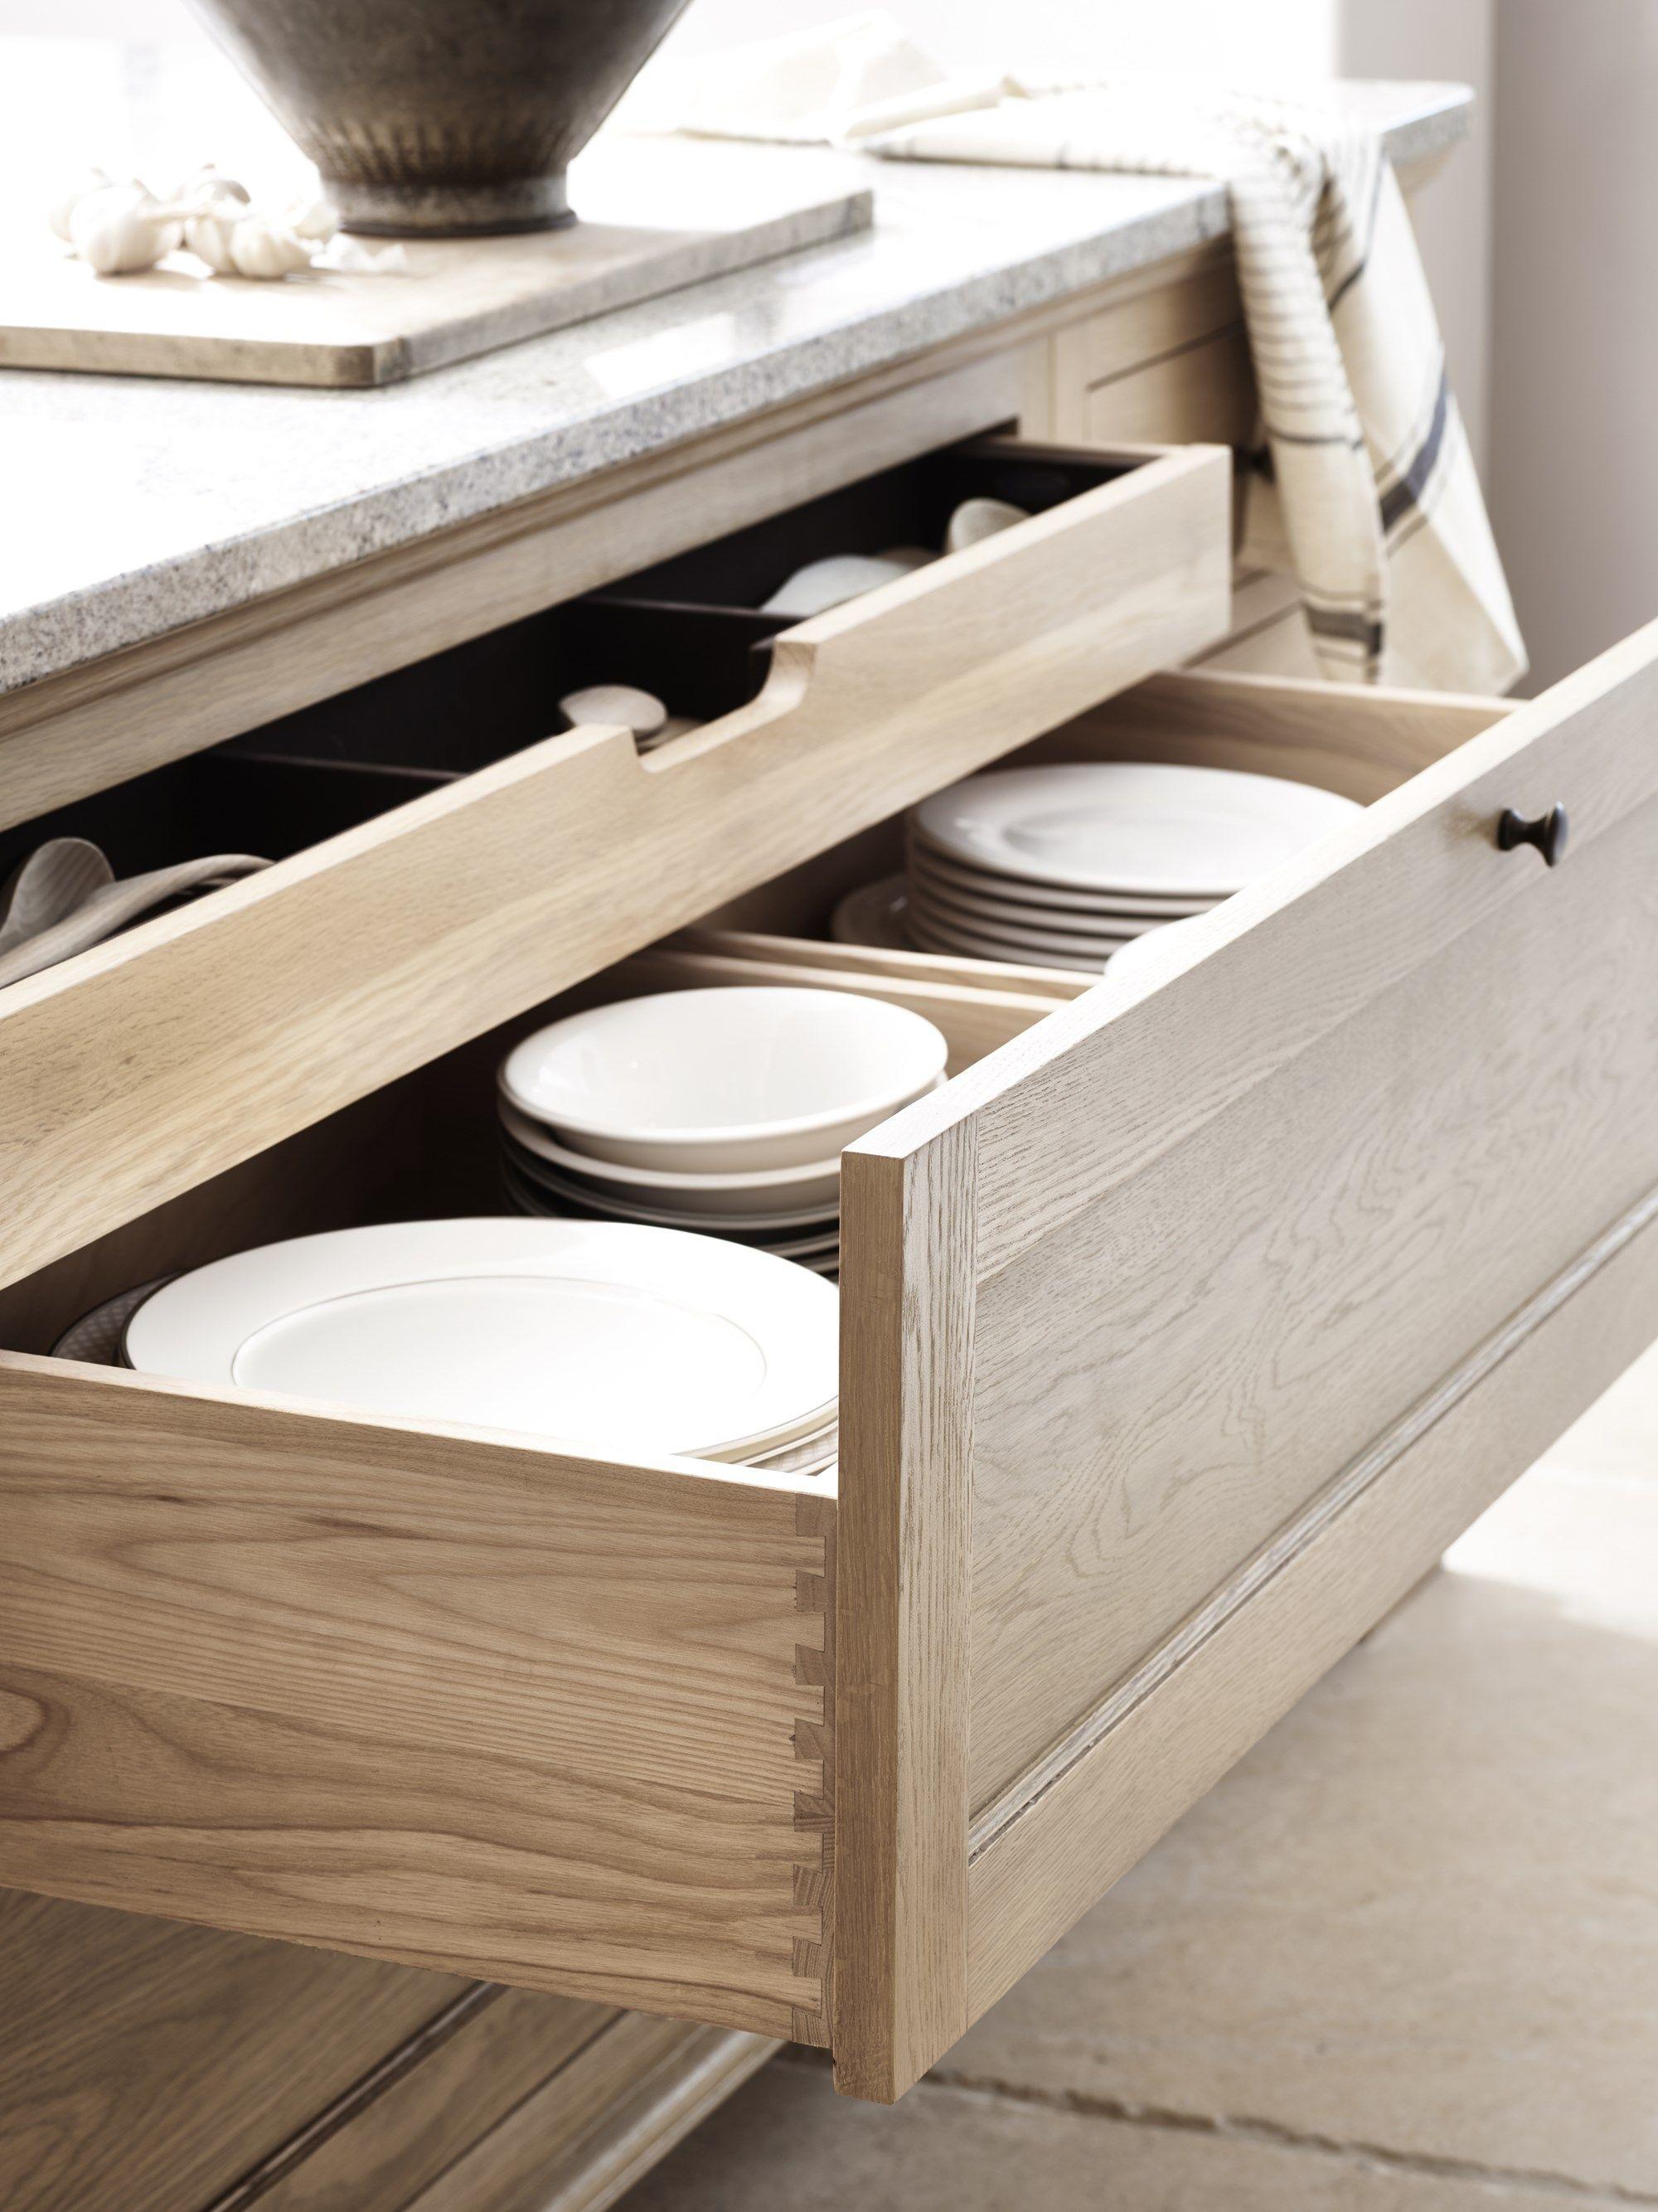 Neptune Henley kitchen details stunning kitchen